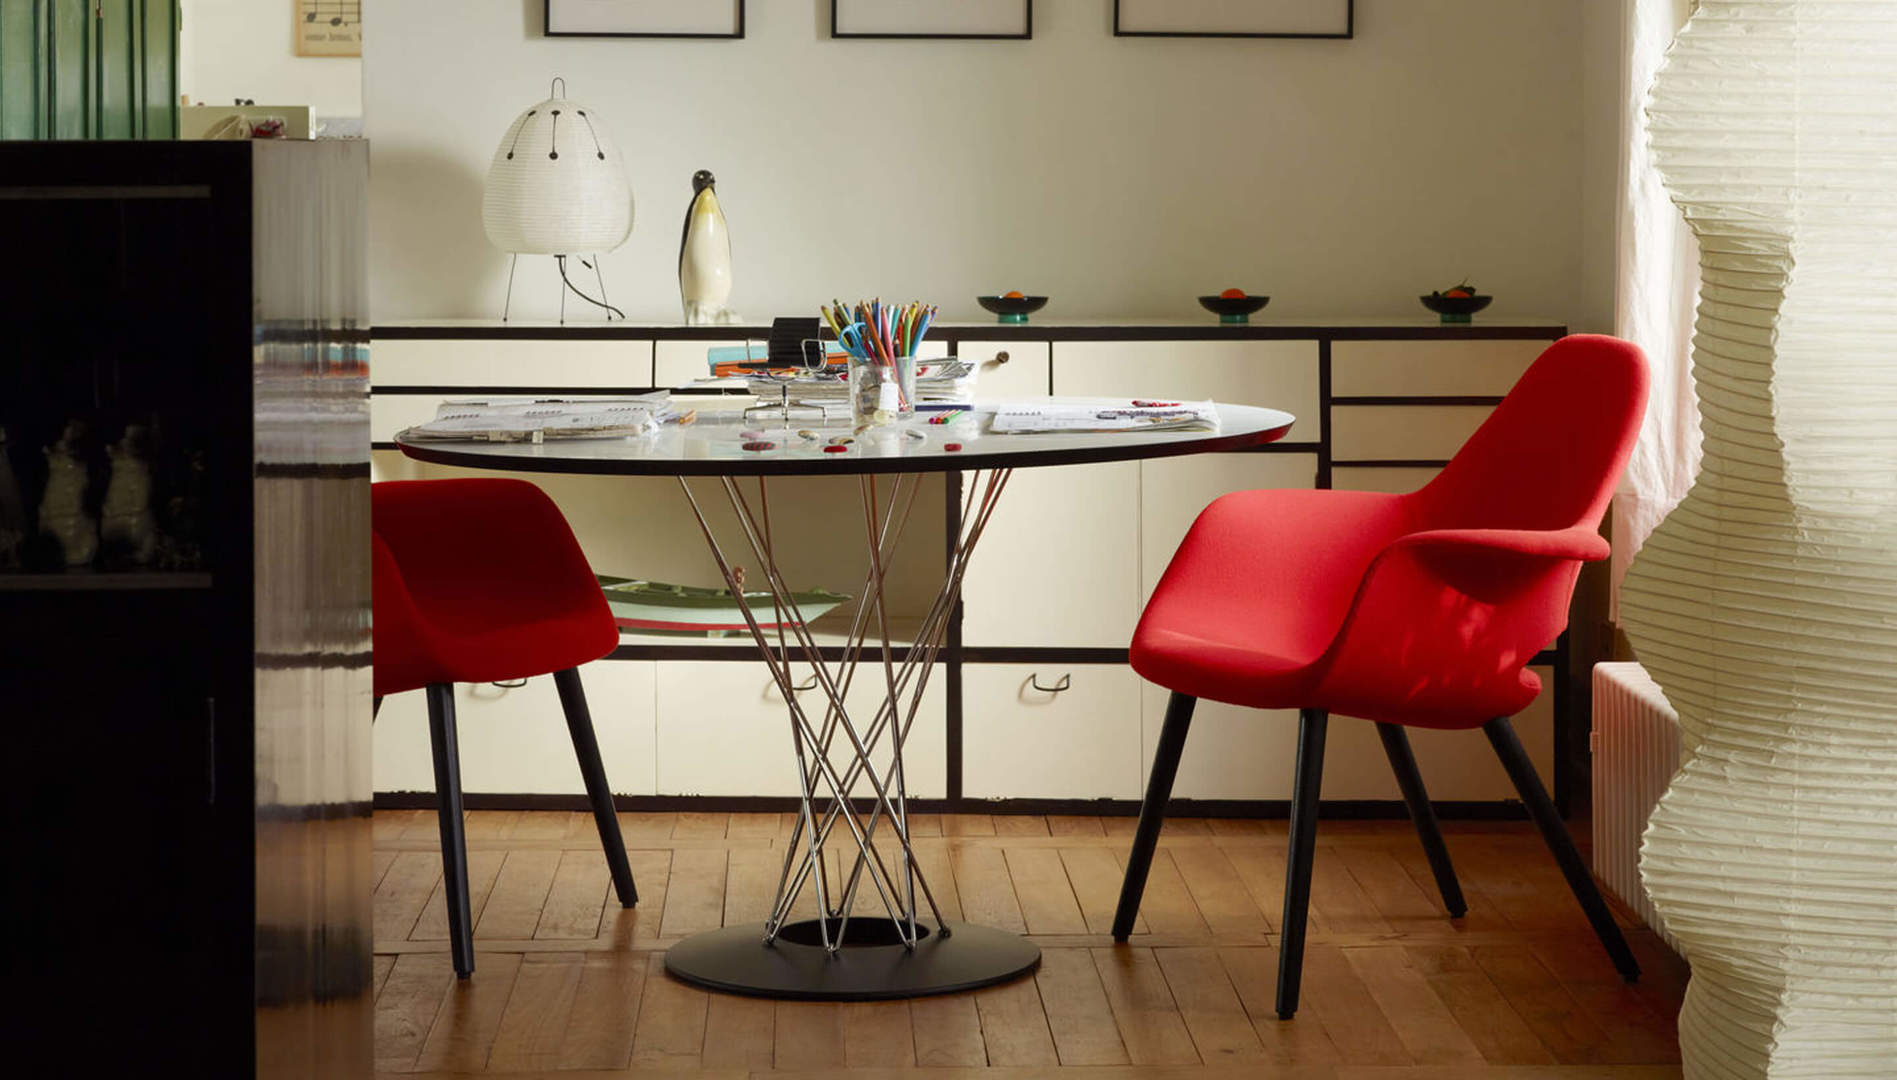 Vitra Dining Table1.jpg